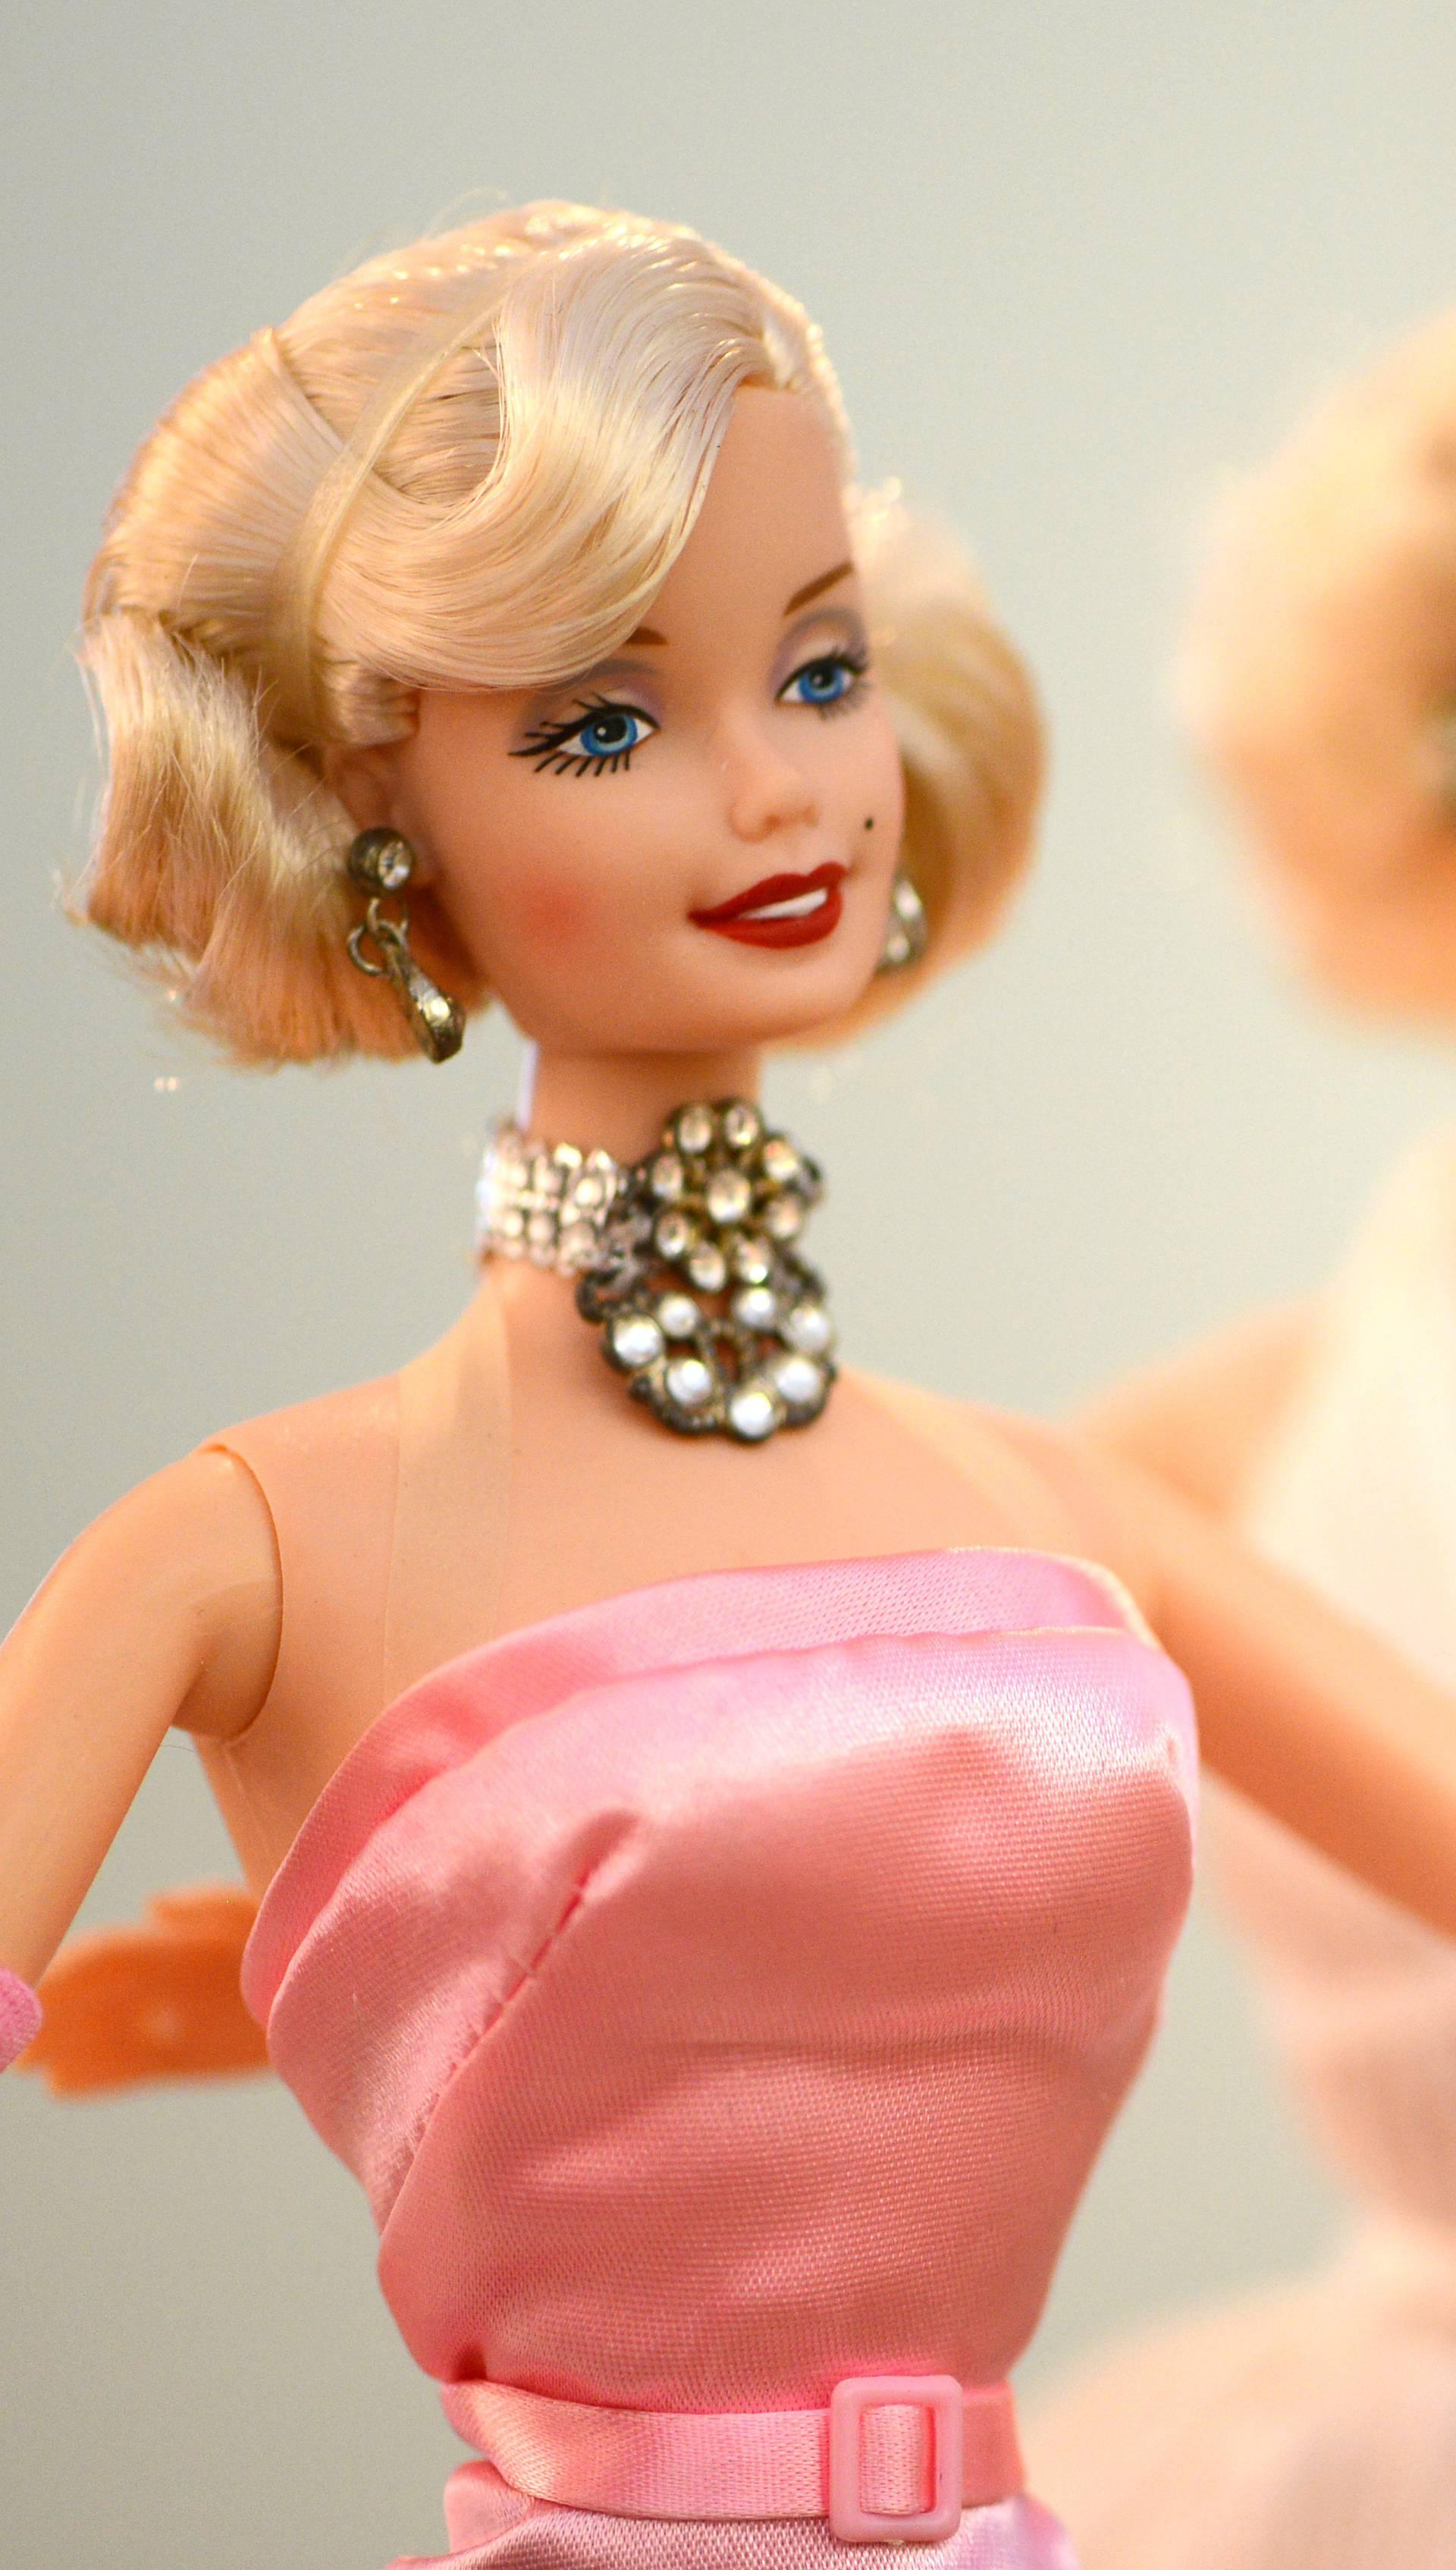 Od poznatih igračka do igrica - njih su osmislile kreativne žene